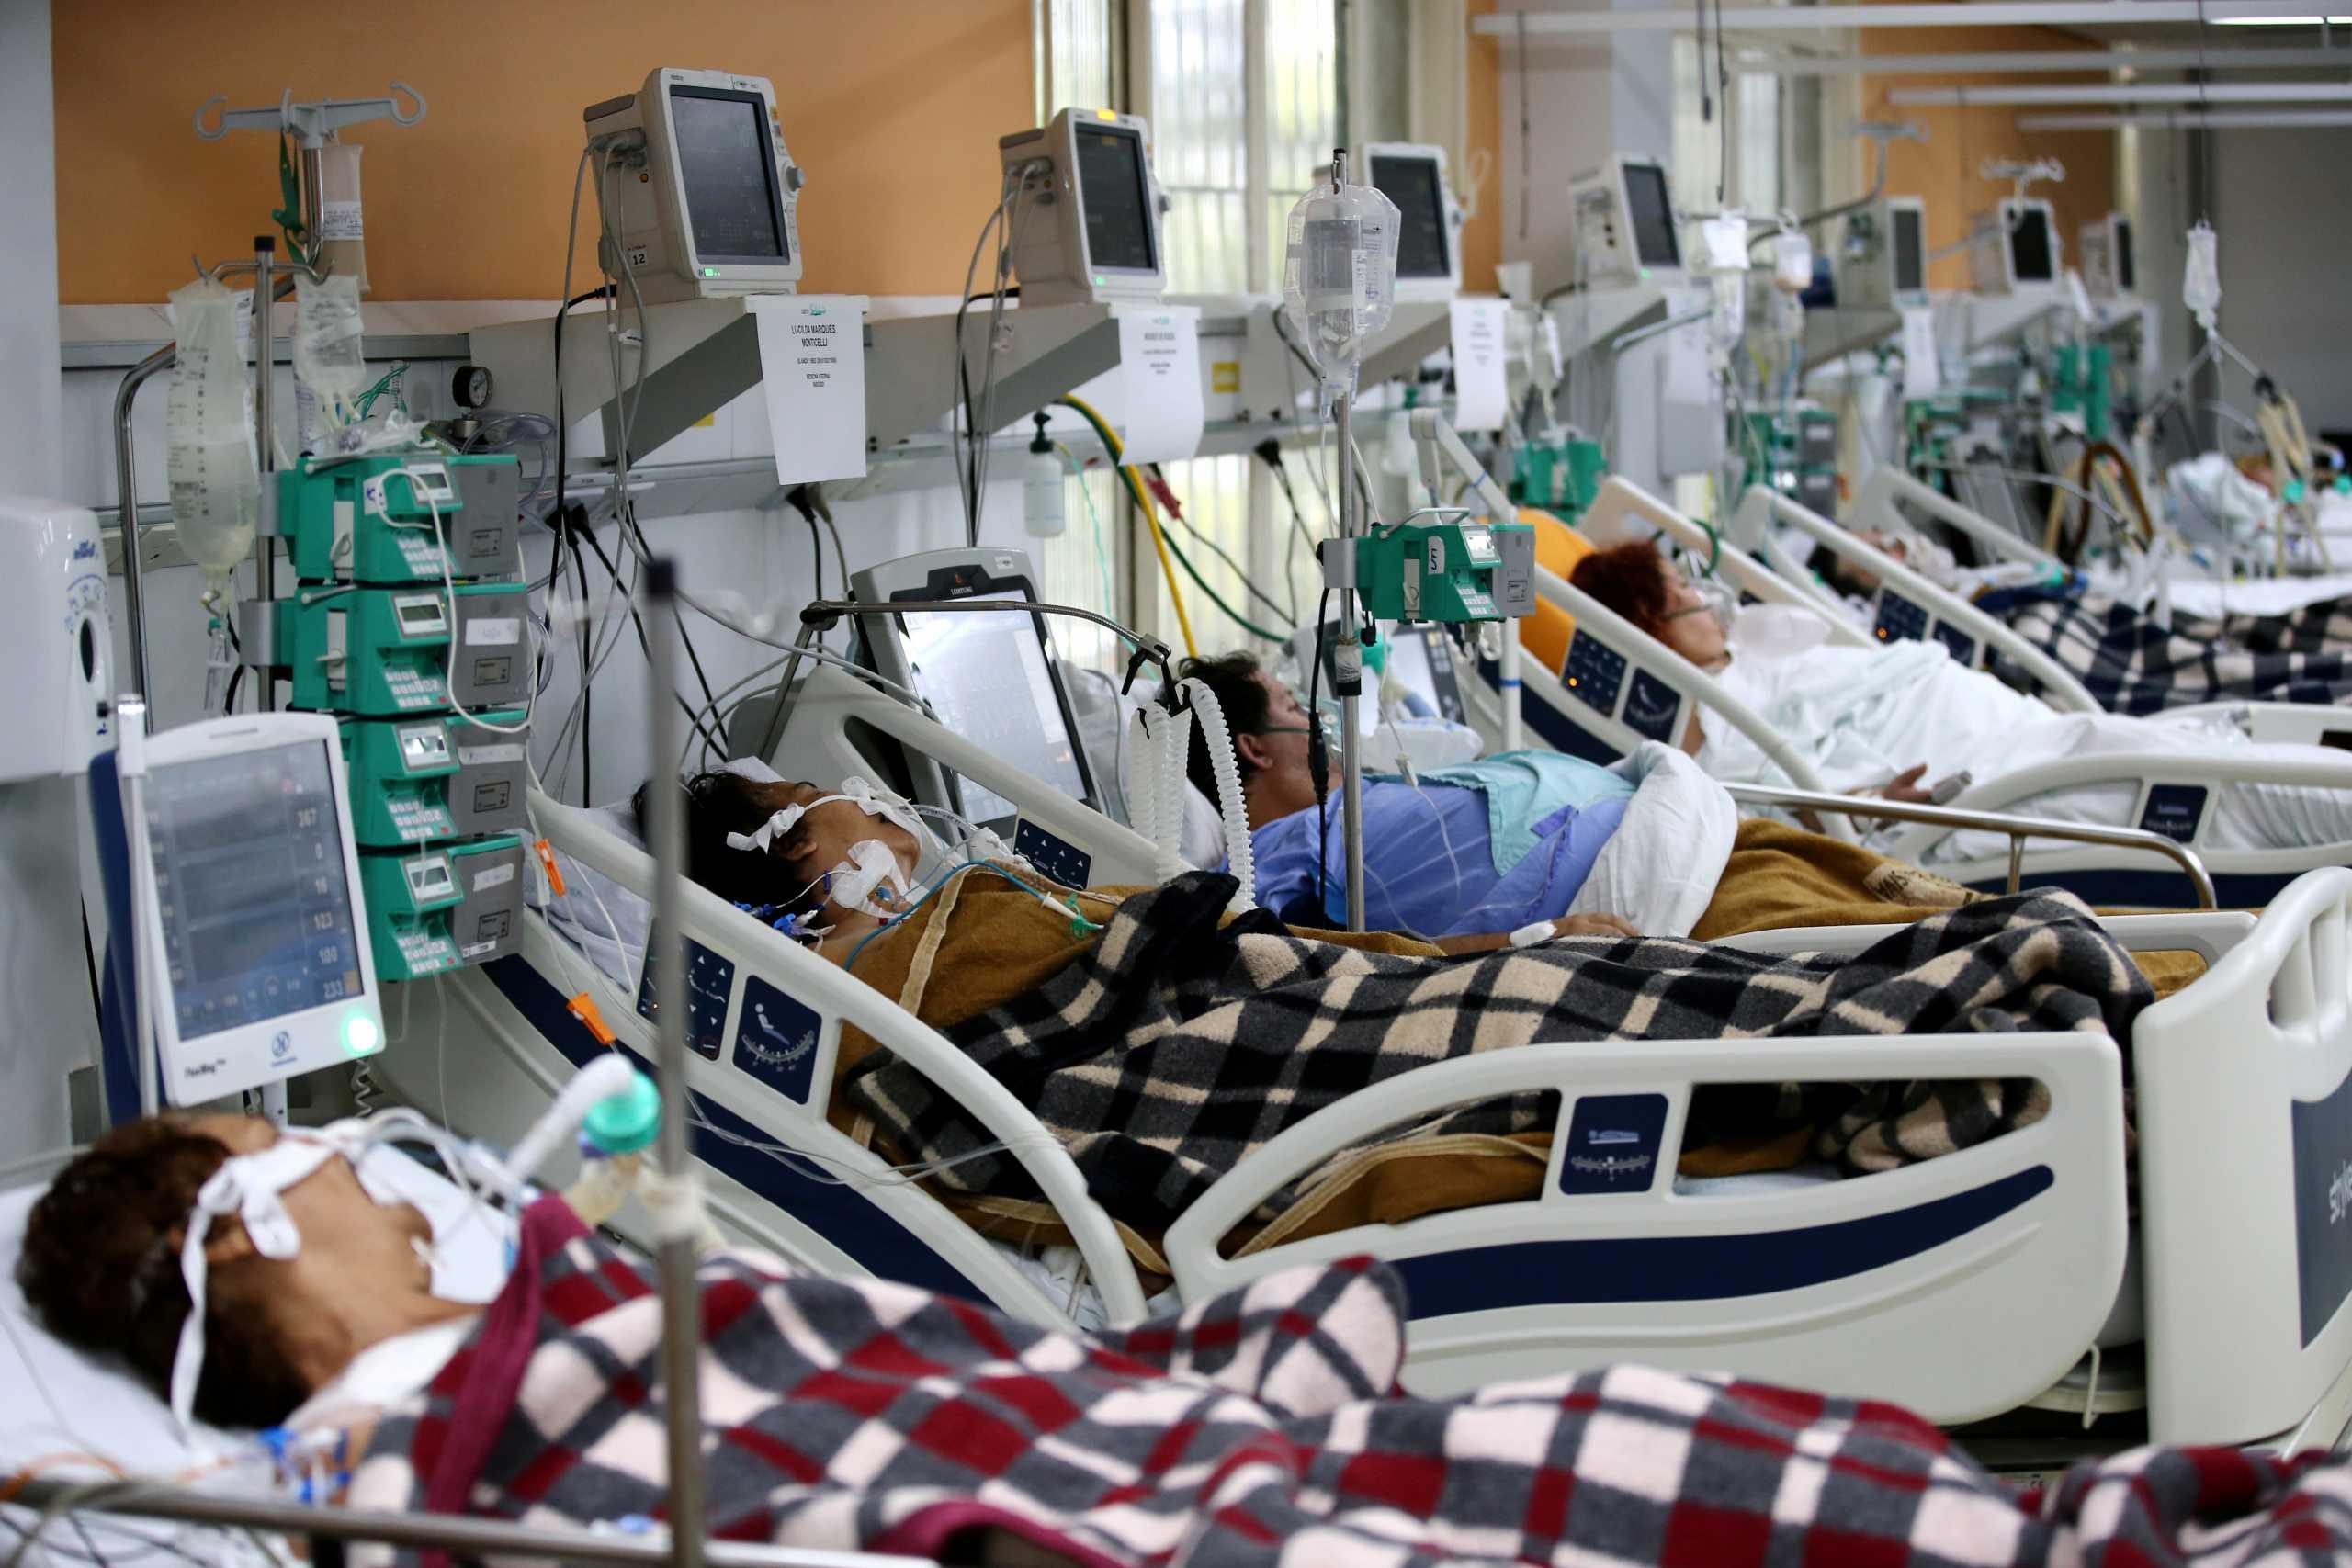 Σαρώνει στη Λατινική Αμερική ο κορονοϊός: Χιλιάδες κρούσματα σε Βραζιλία, Αργεντινή και Χιλή